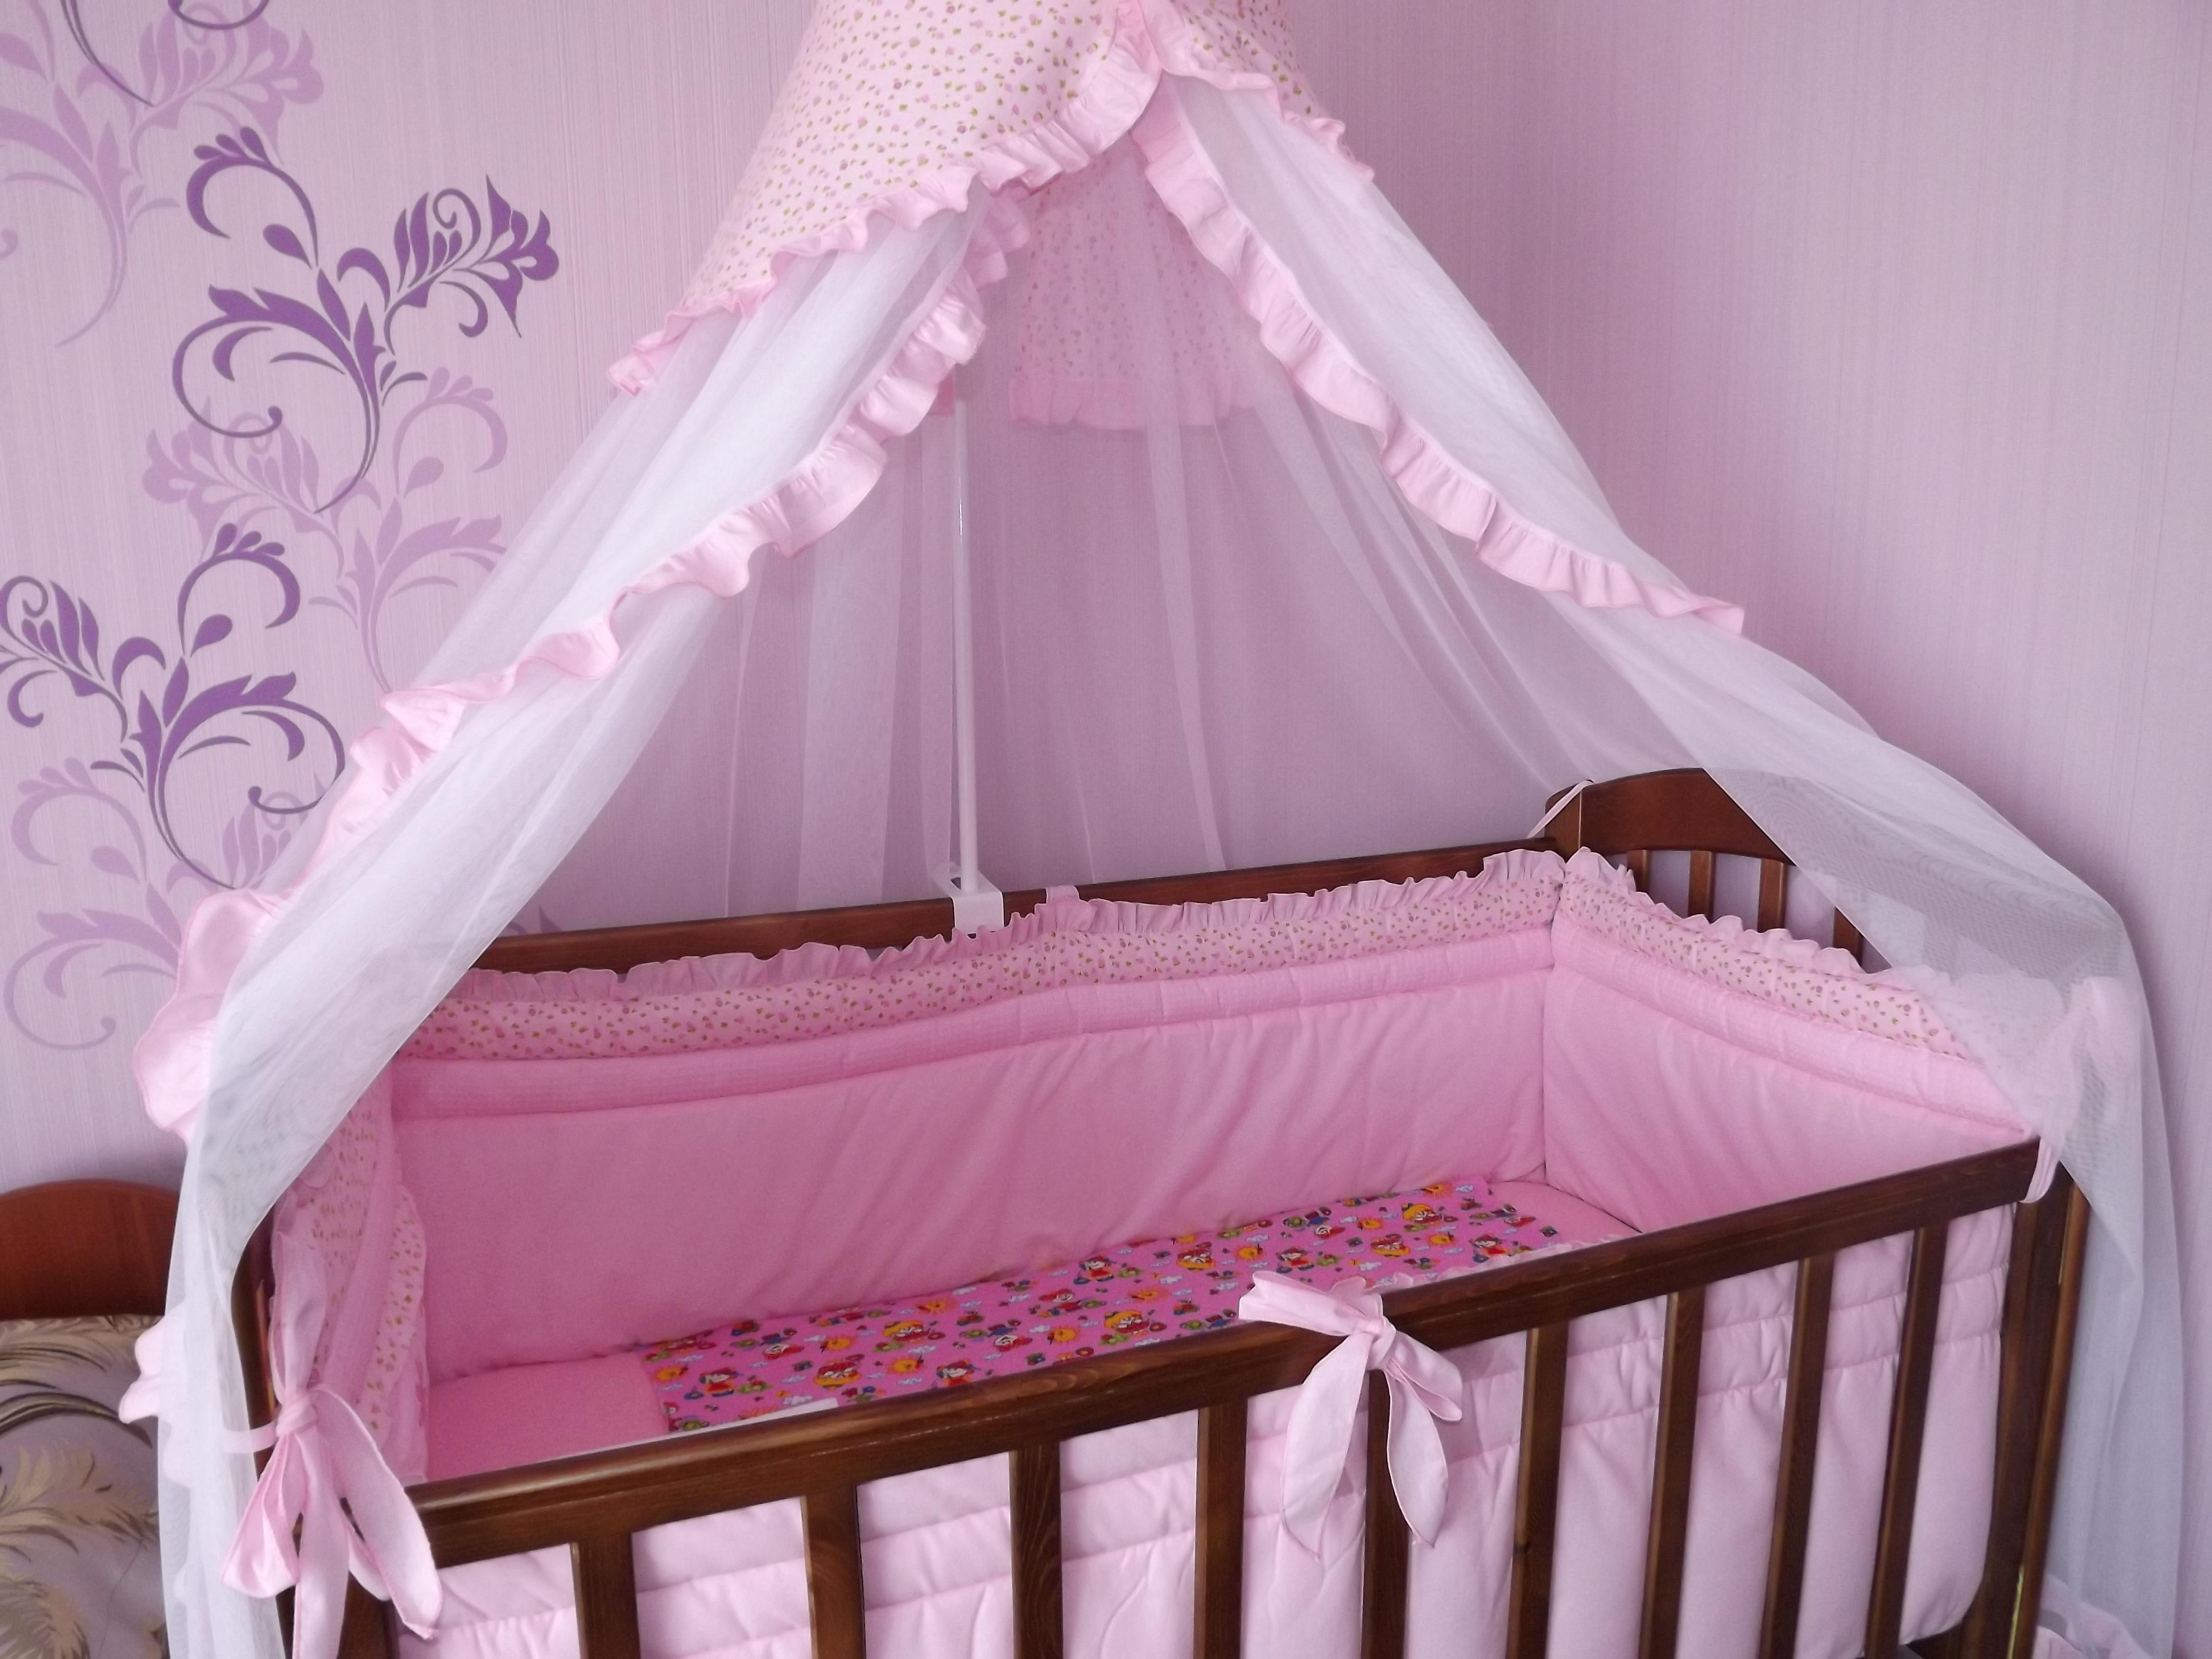 Кроватка с балдахином для новорожденного своими руками 13